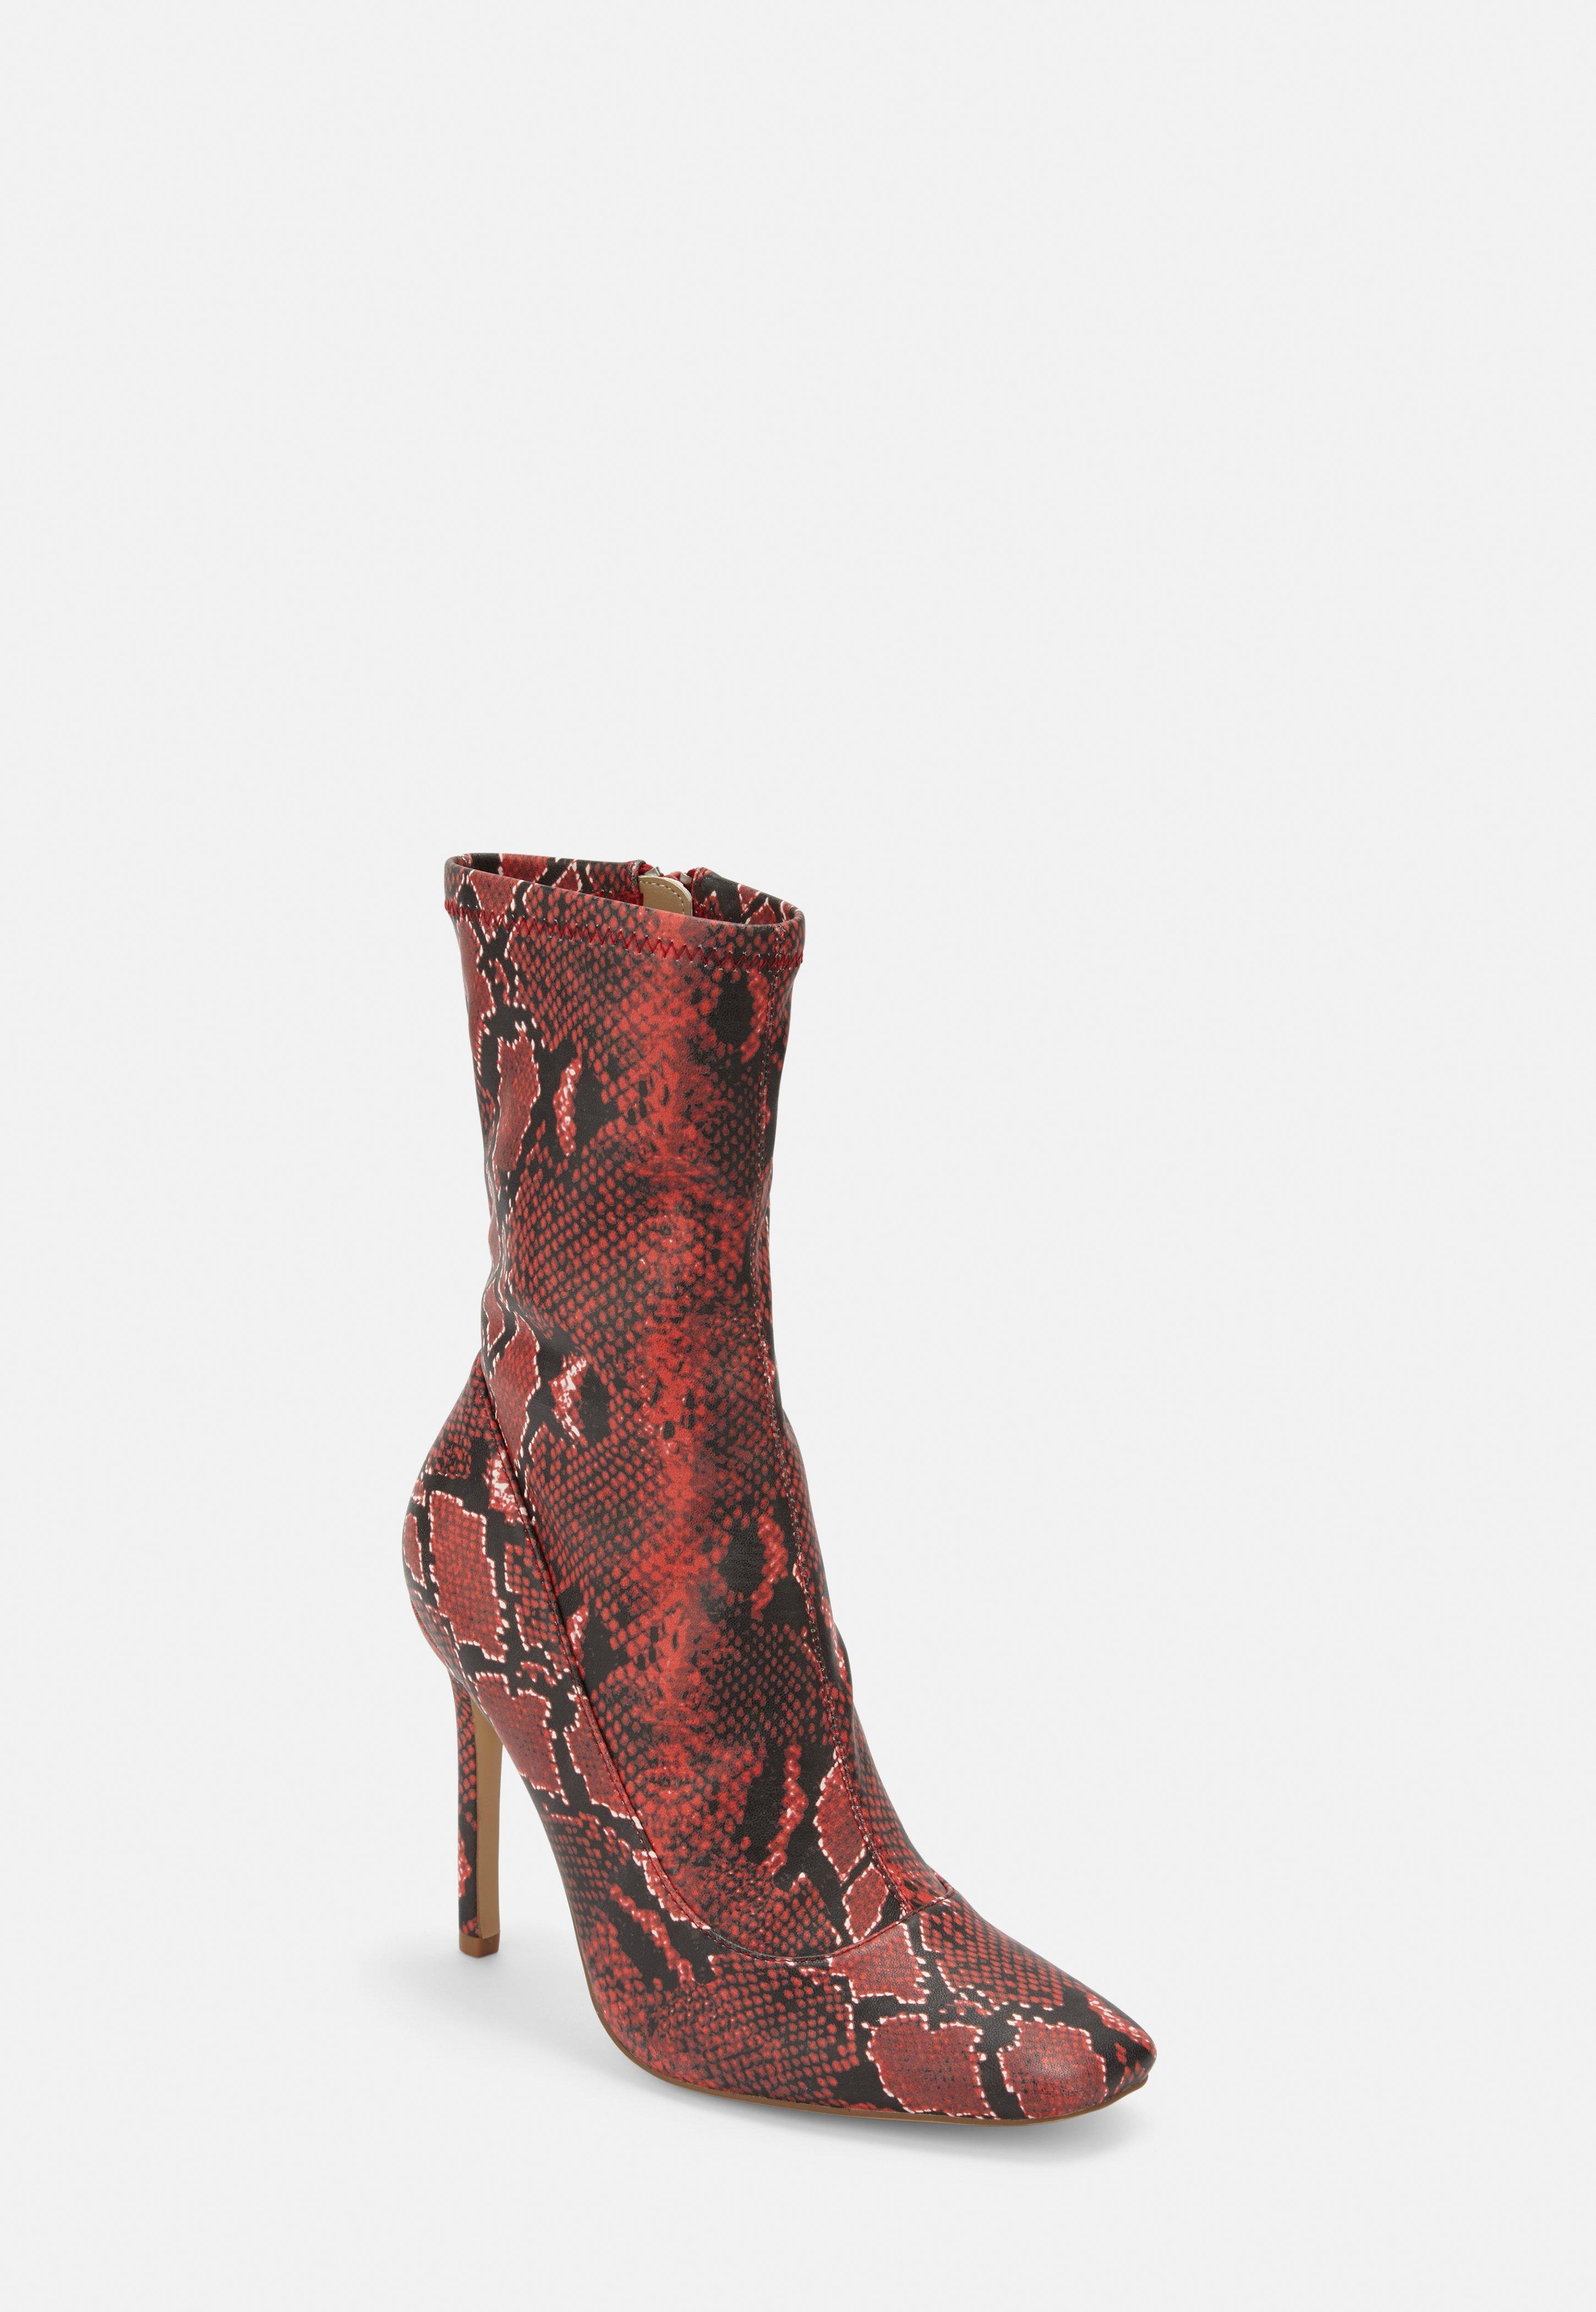 Bottines chaussettes rouges à talons aiguilles avec imprimé serpent